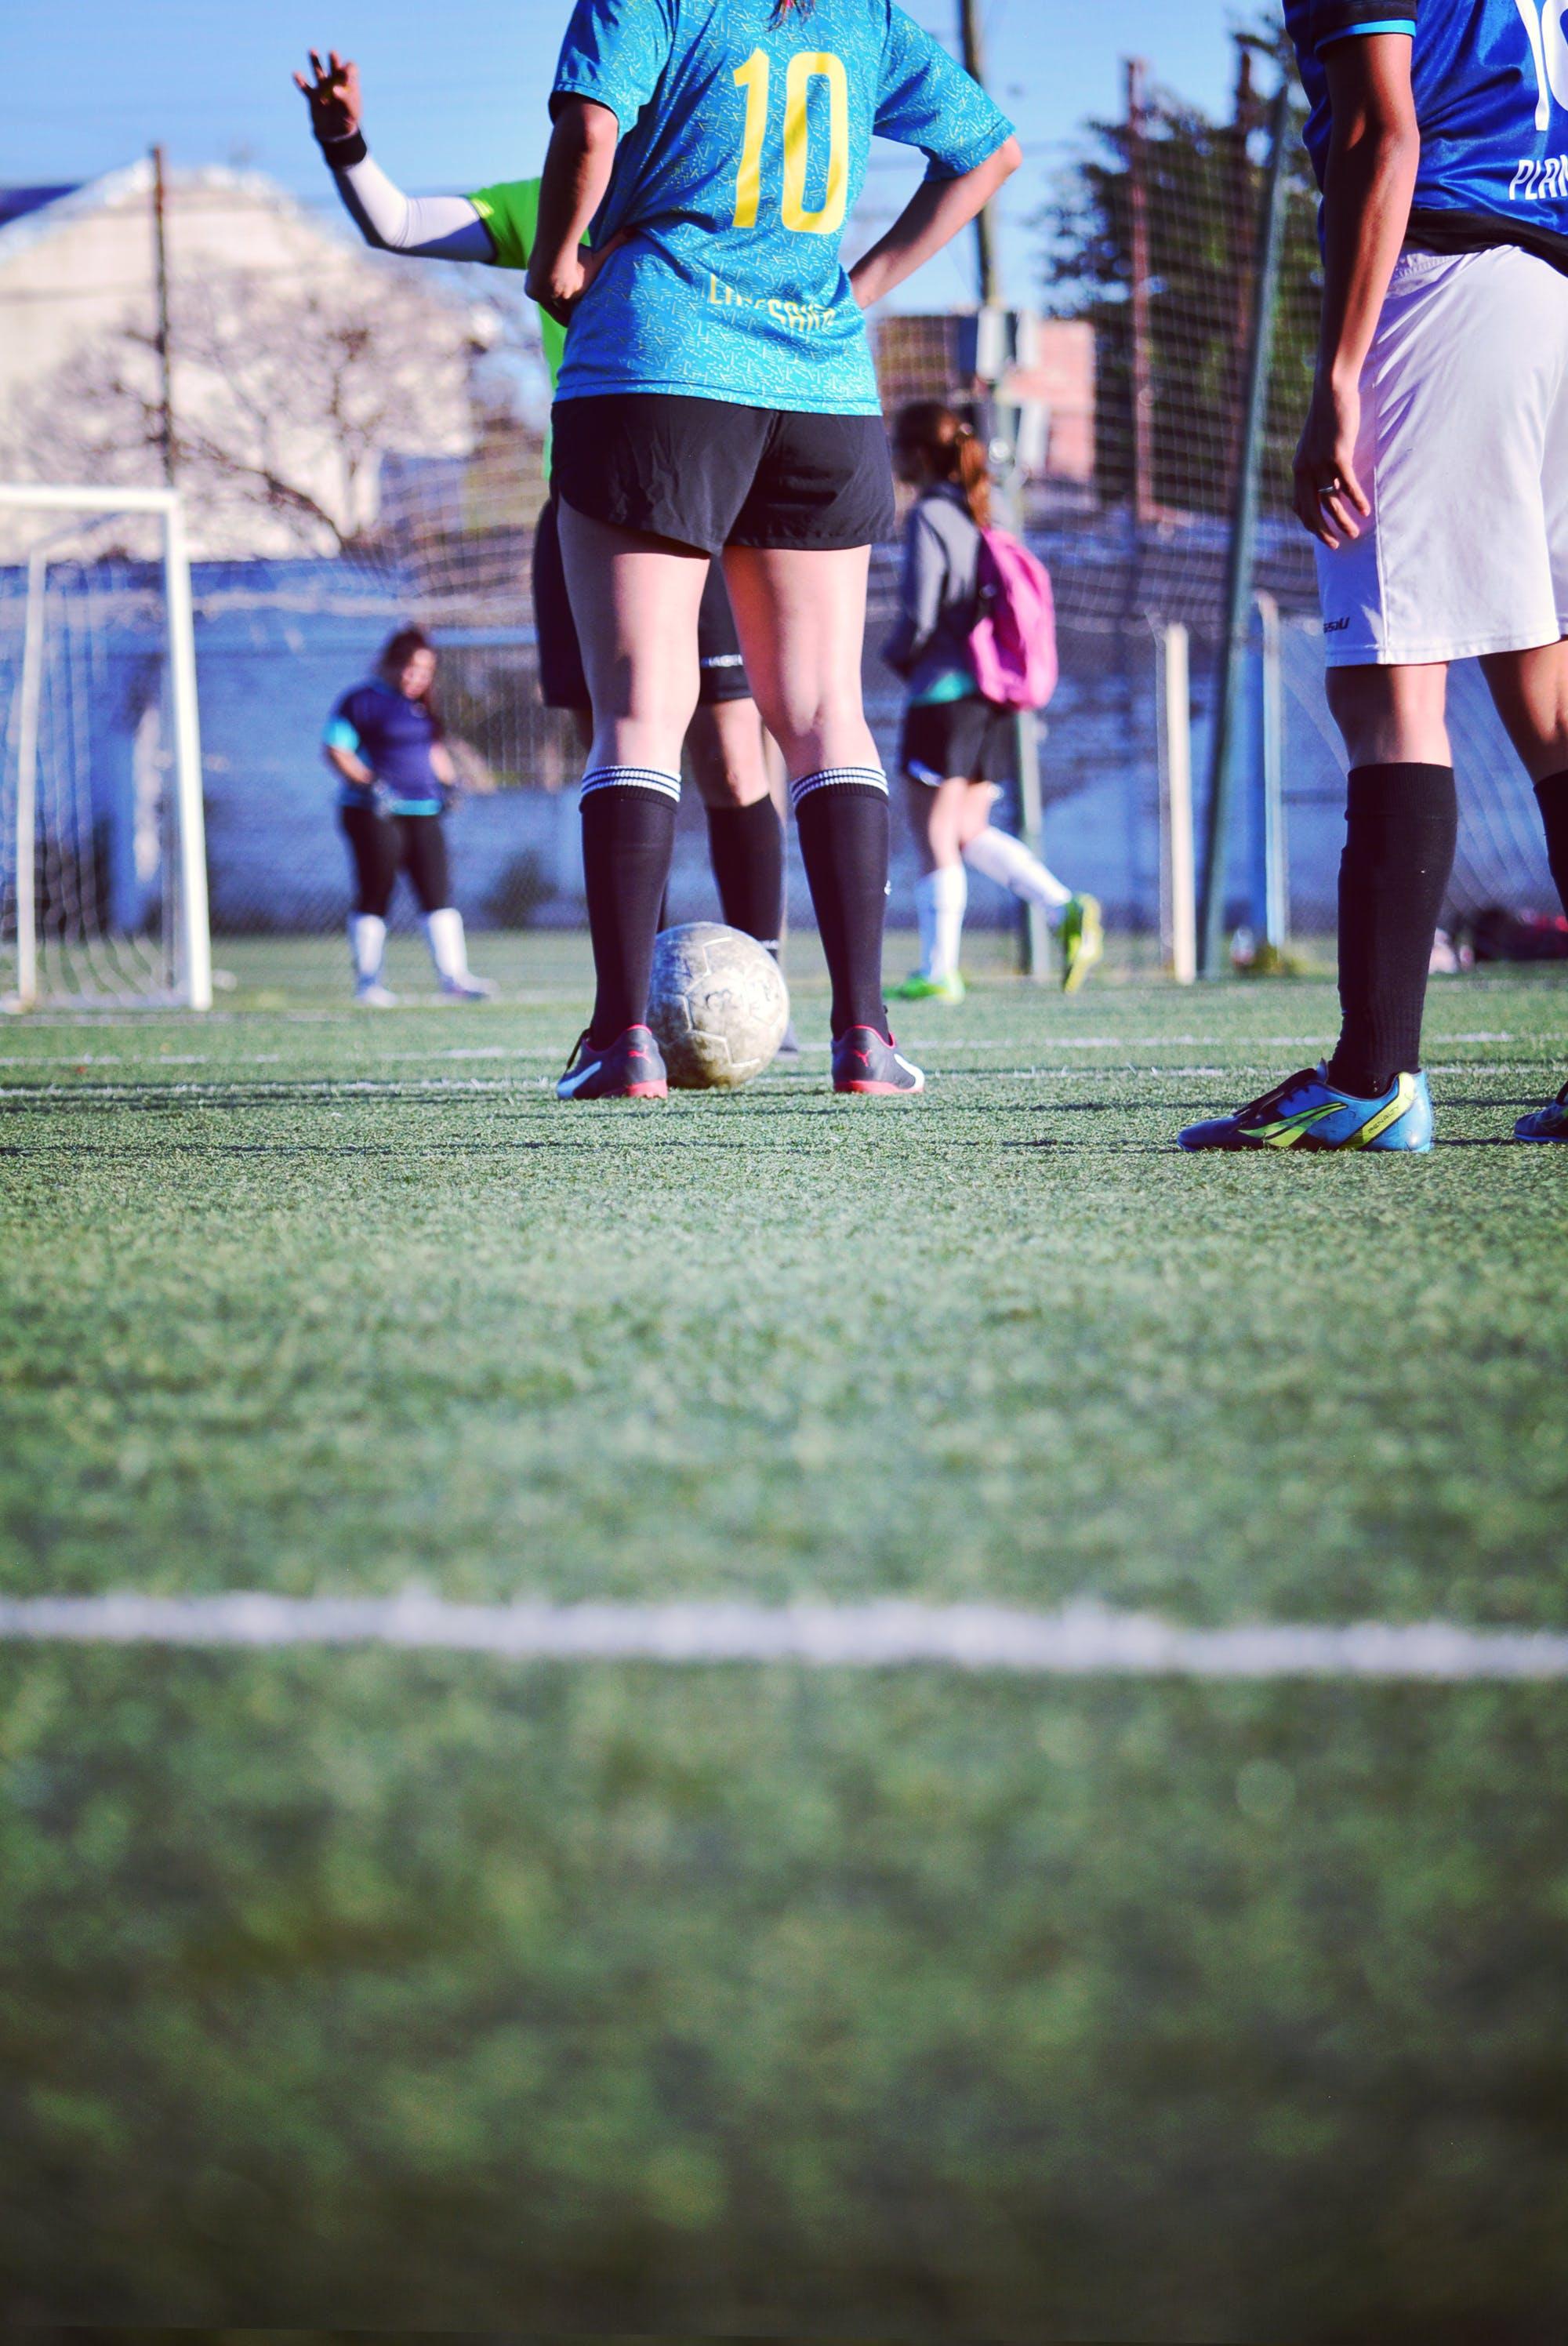 Free stock photo of athletic girl, soccer, soccer girl, soccer player